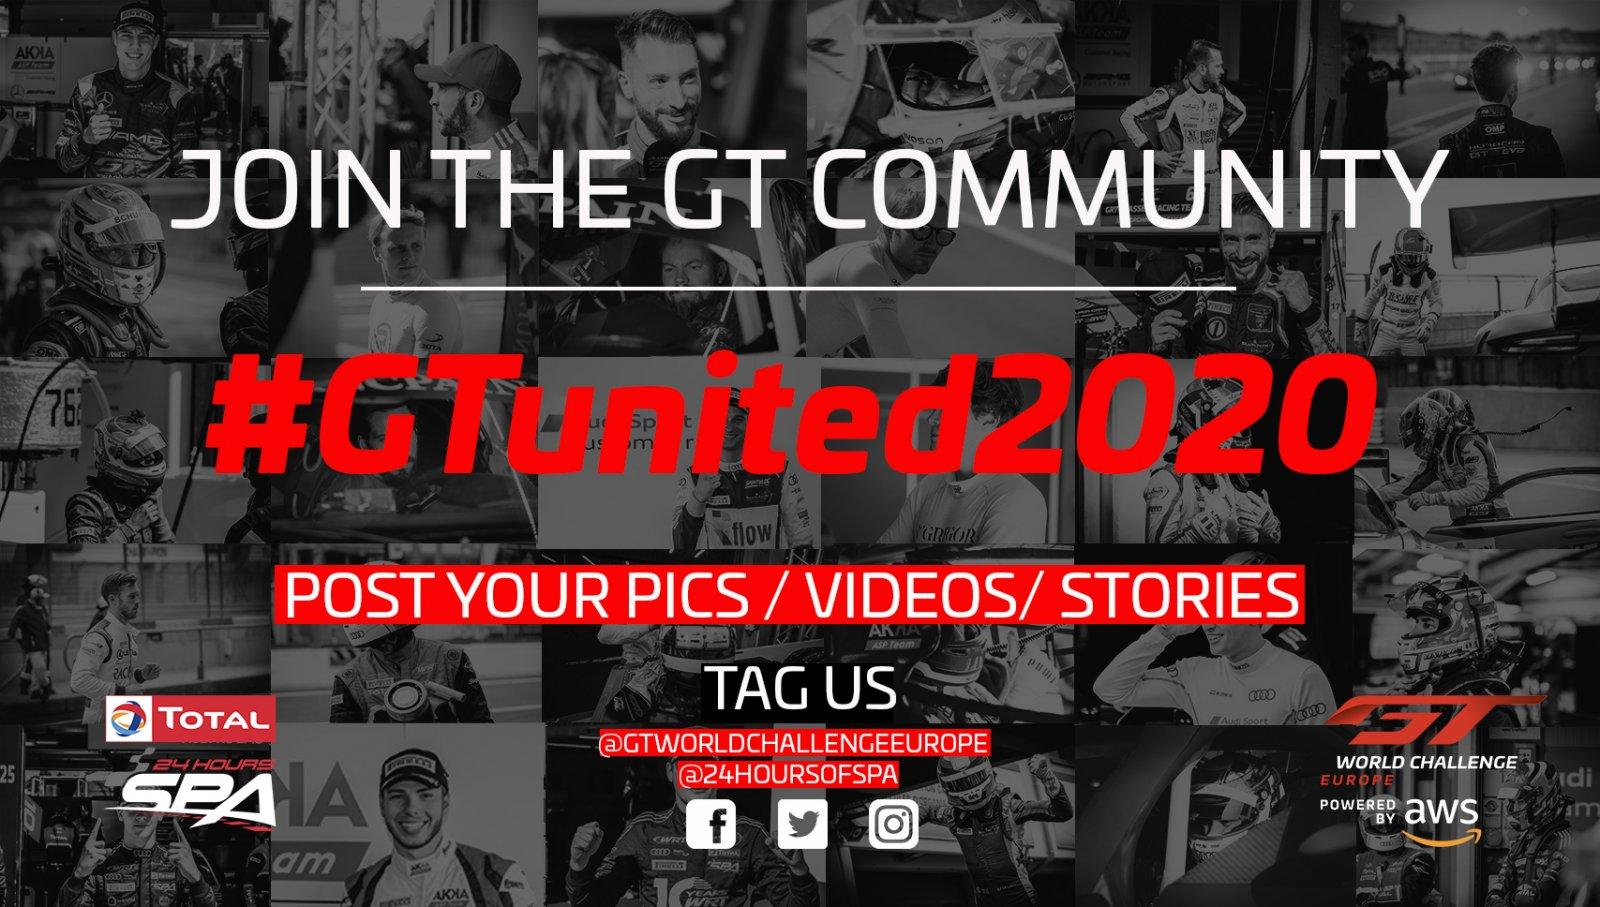 #GTunited2020